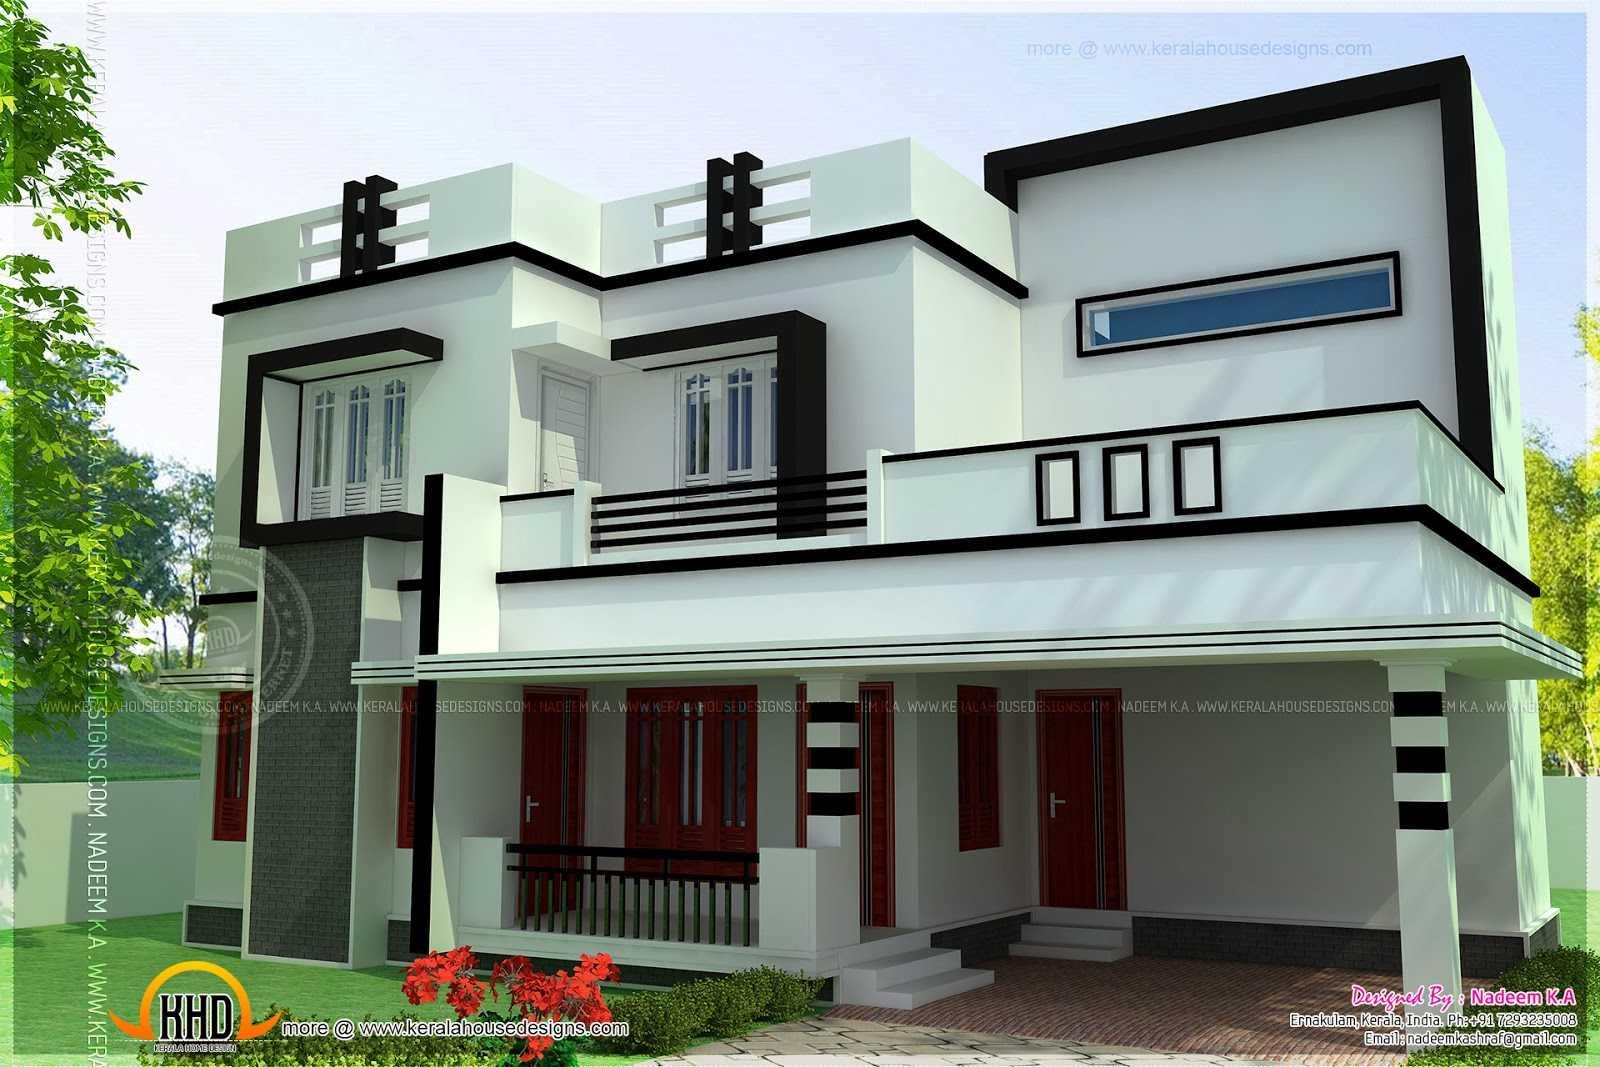 Bedroom Modern House Design Plans Designs Including